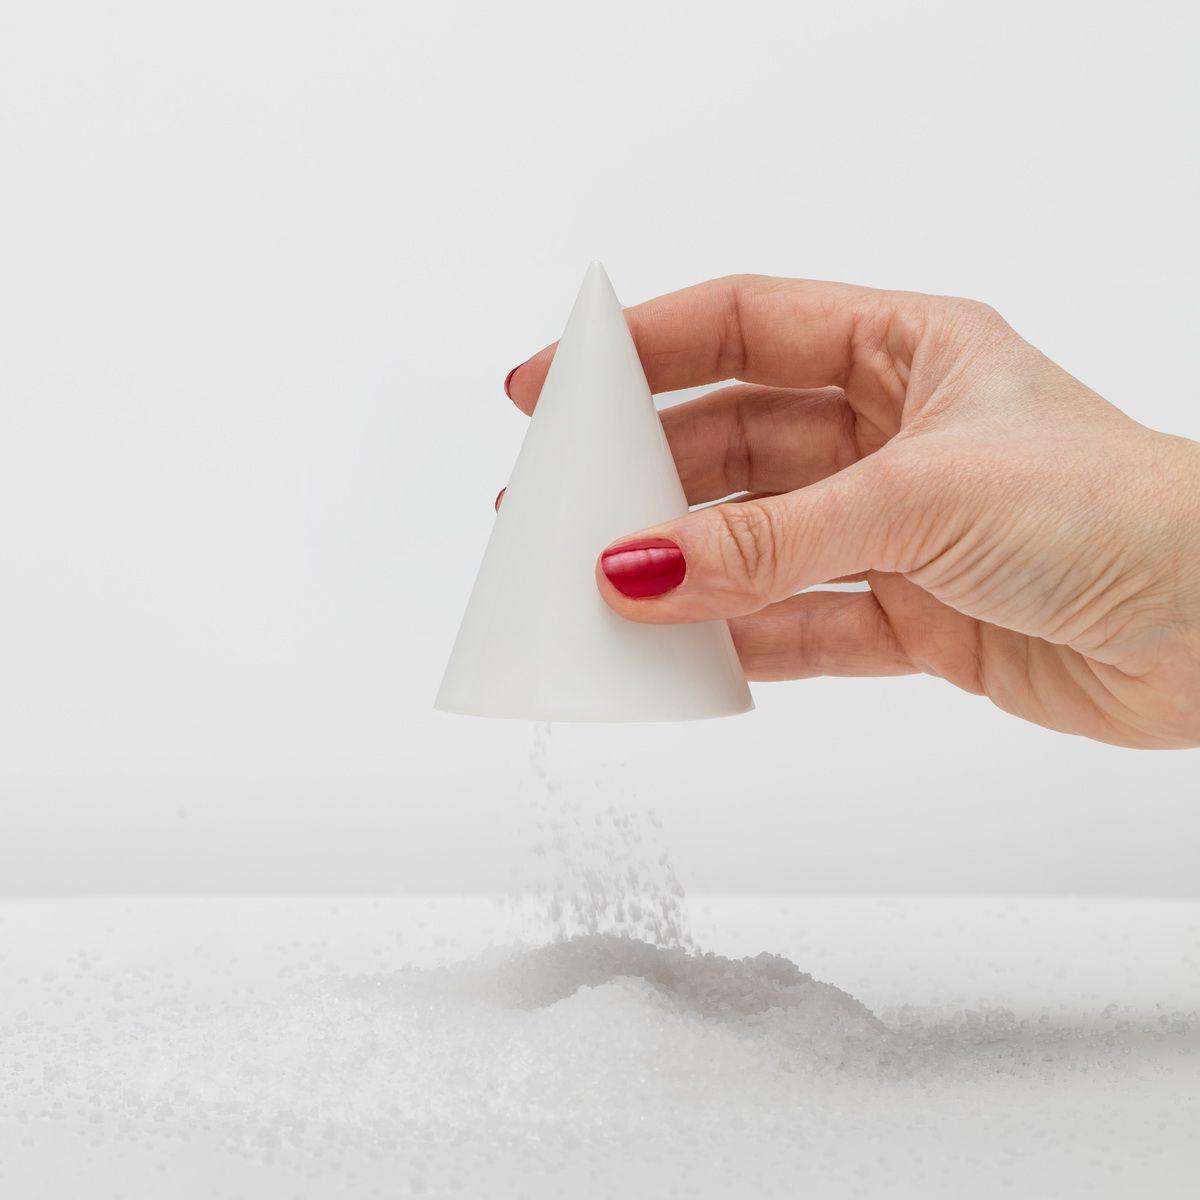 1c7fadfba94f Минималистичные керамические солонки и перечницы Salt&Pepper Cones от  польского бренда TRE. Выставлялись в Fondation Louis